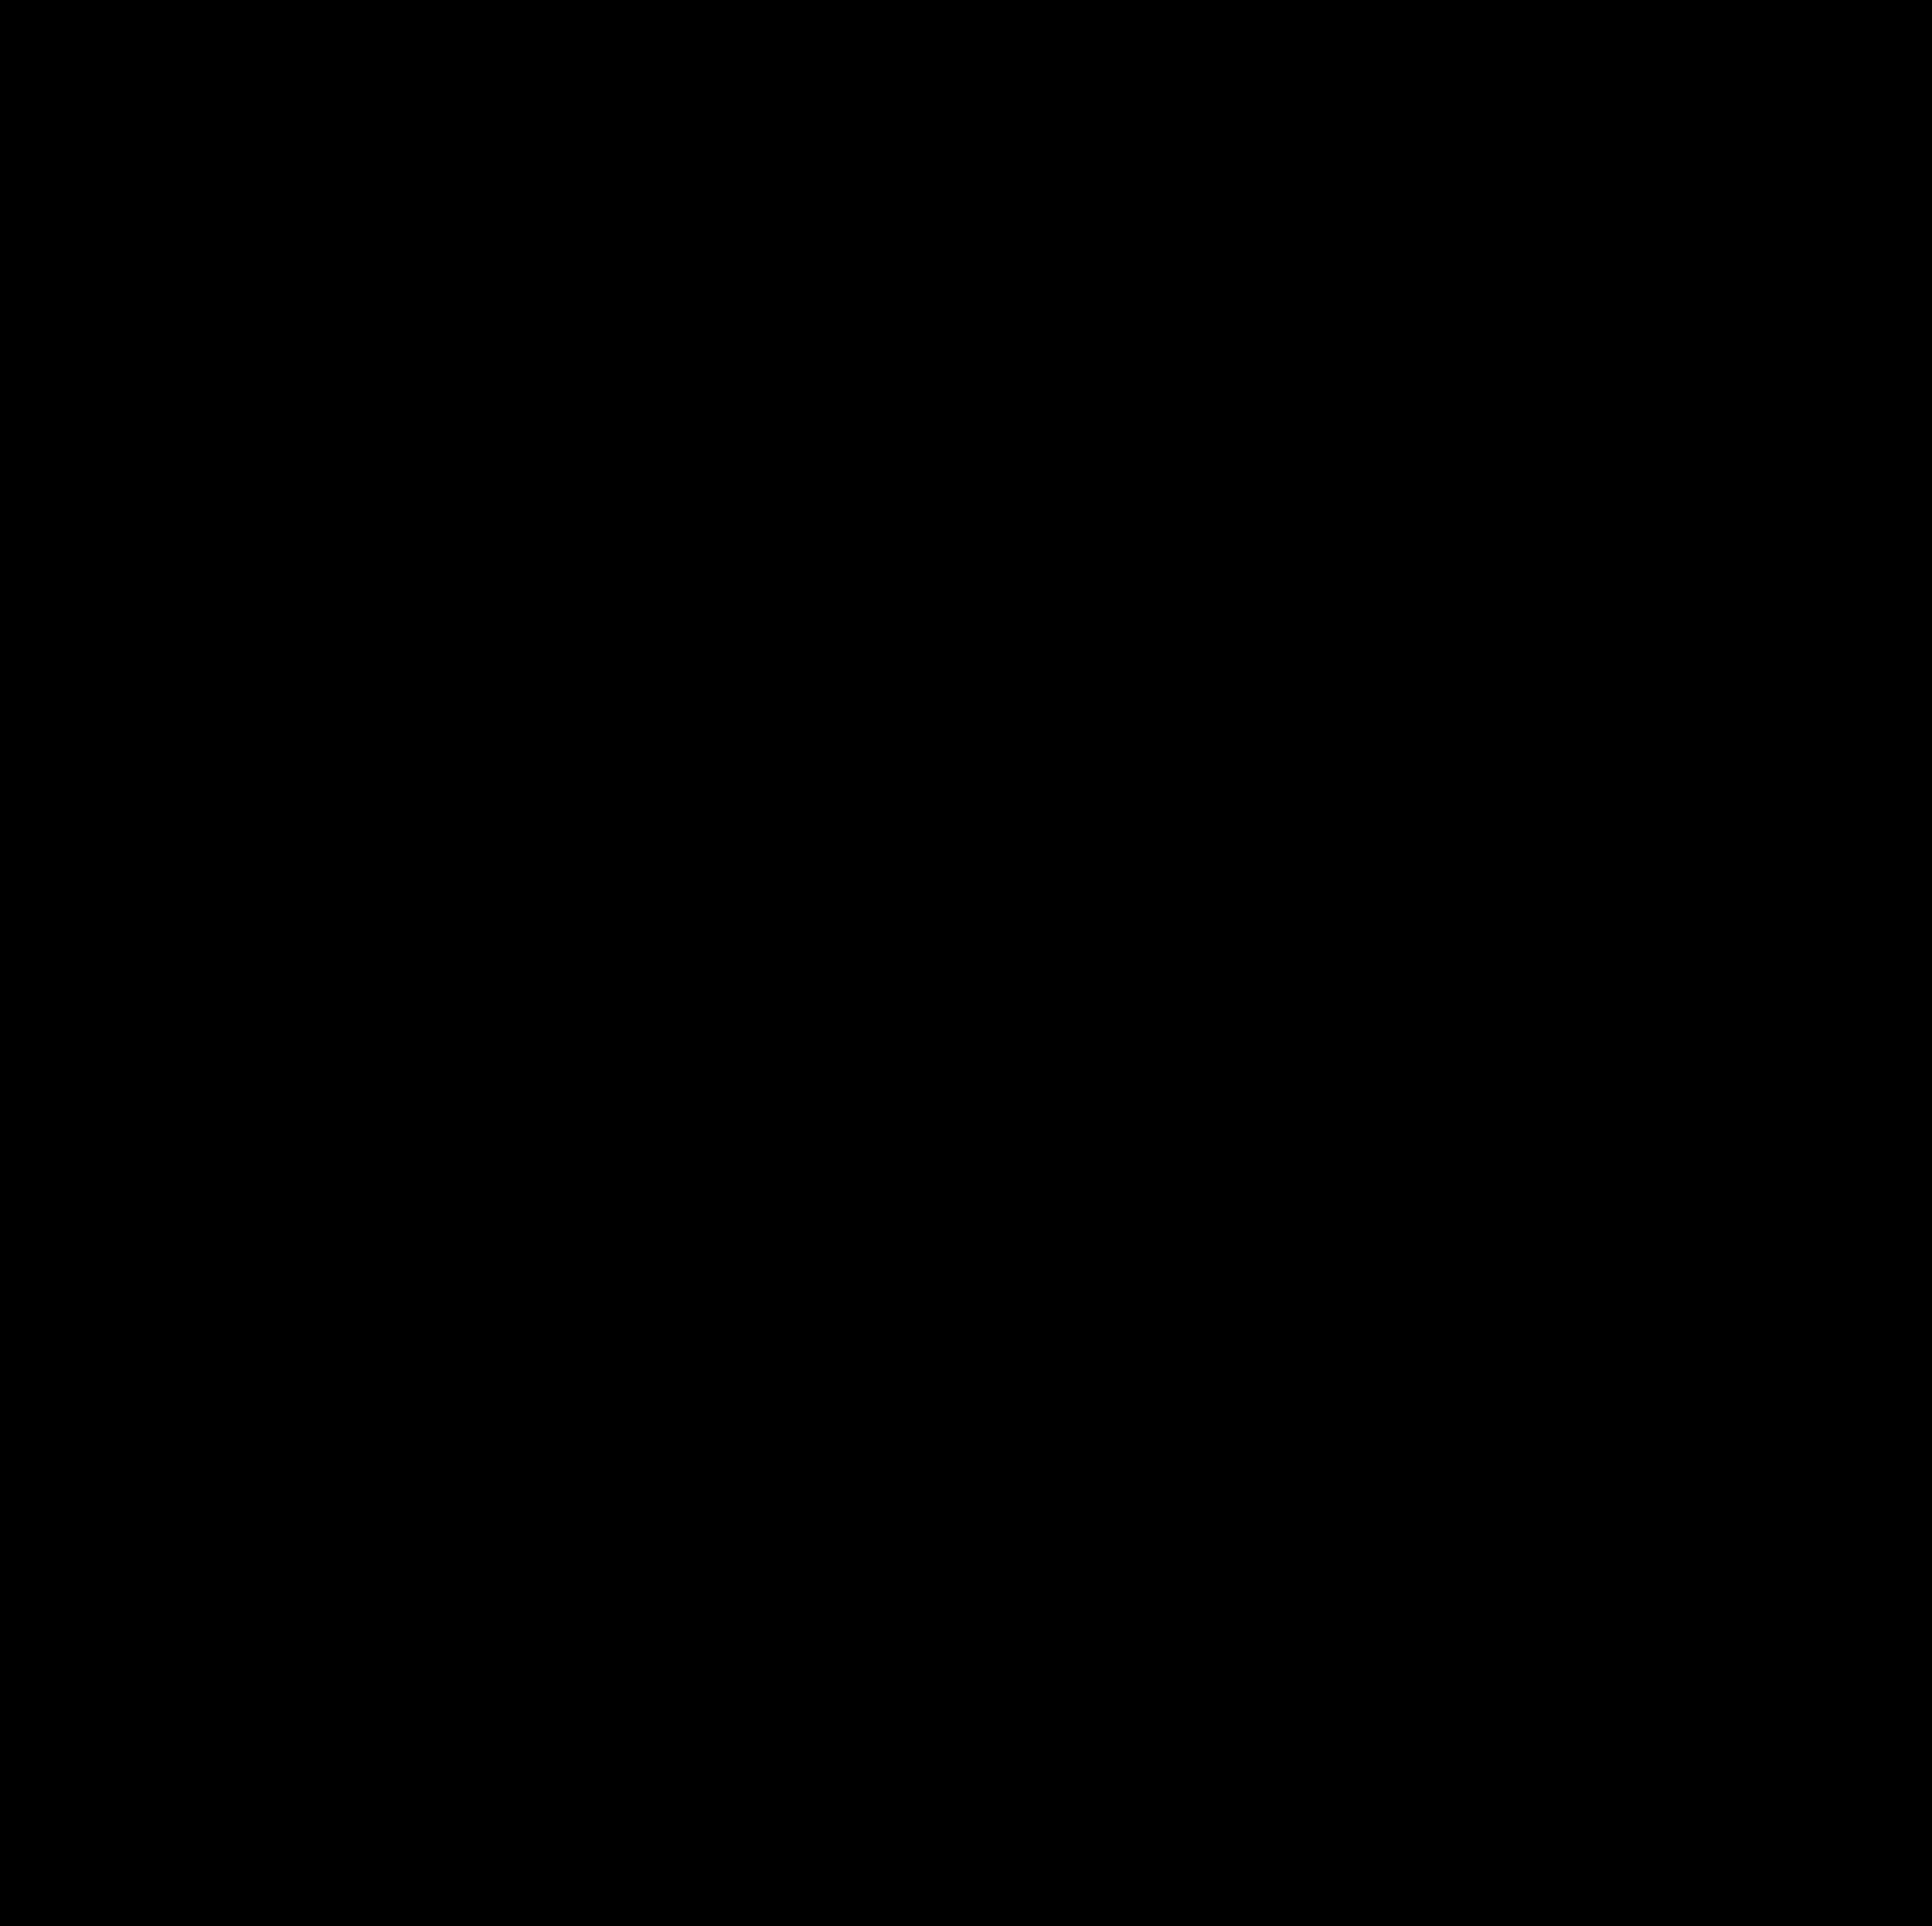 ทัวร์ไอซ์แลนด์ 8 วัน (SS12)